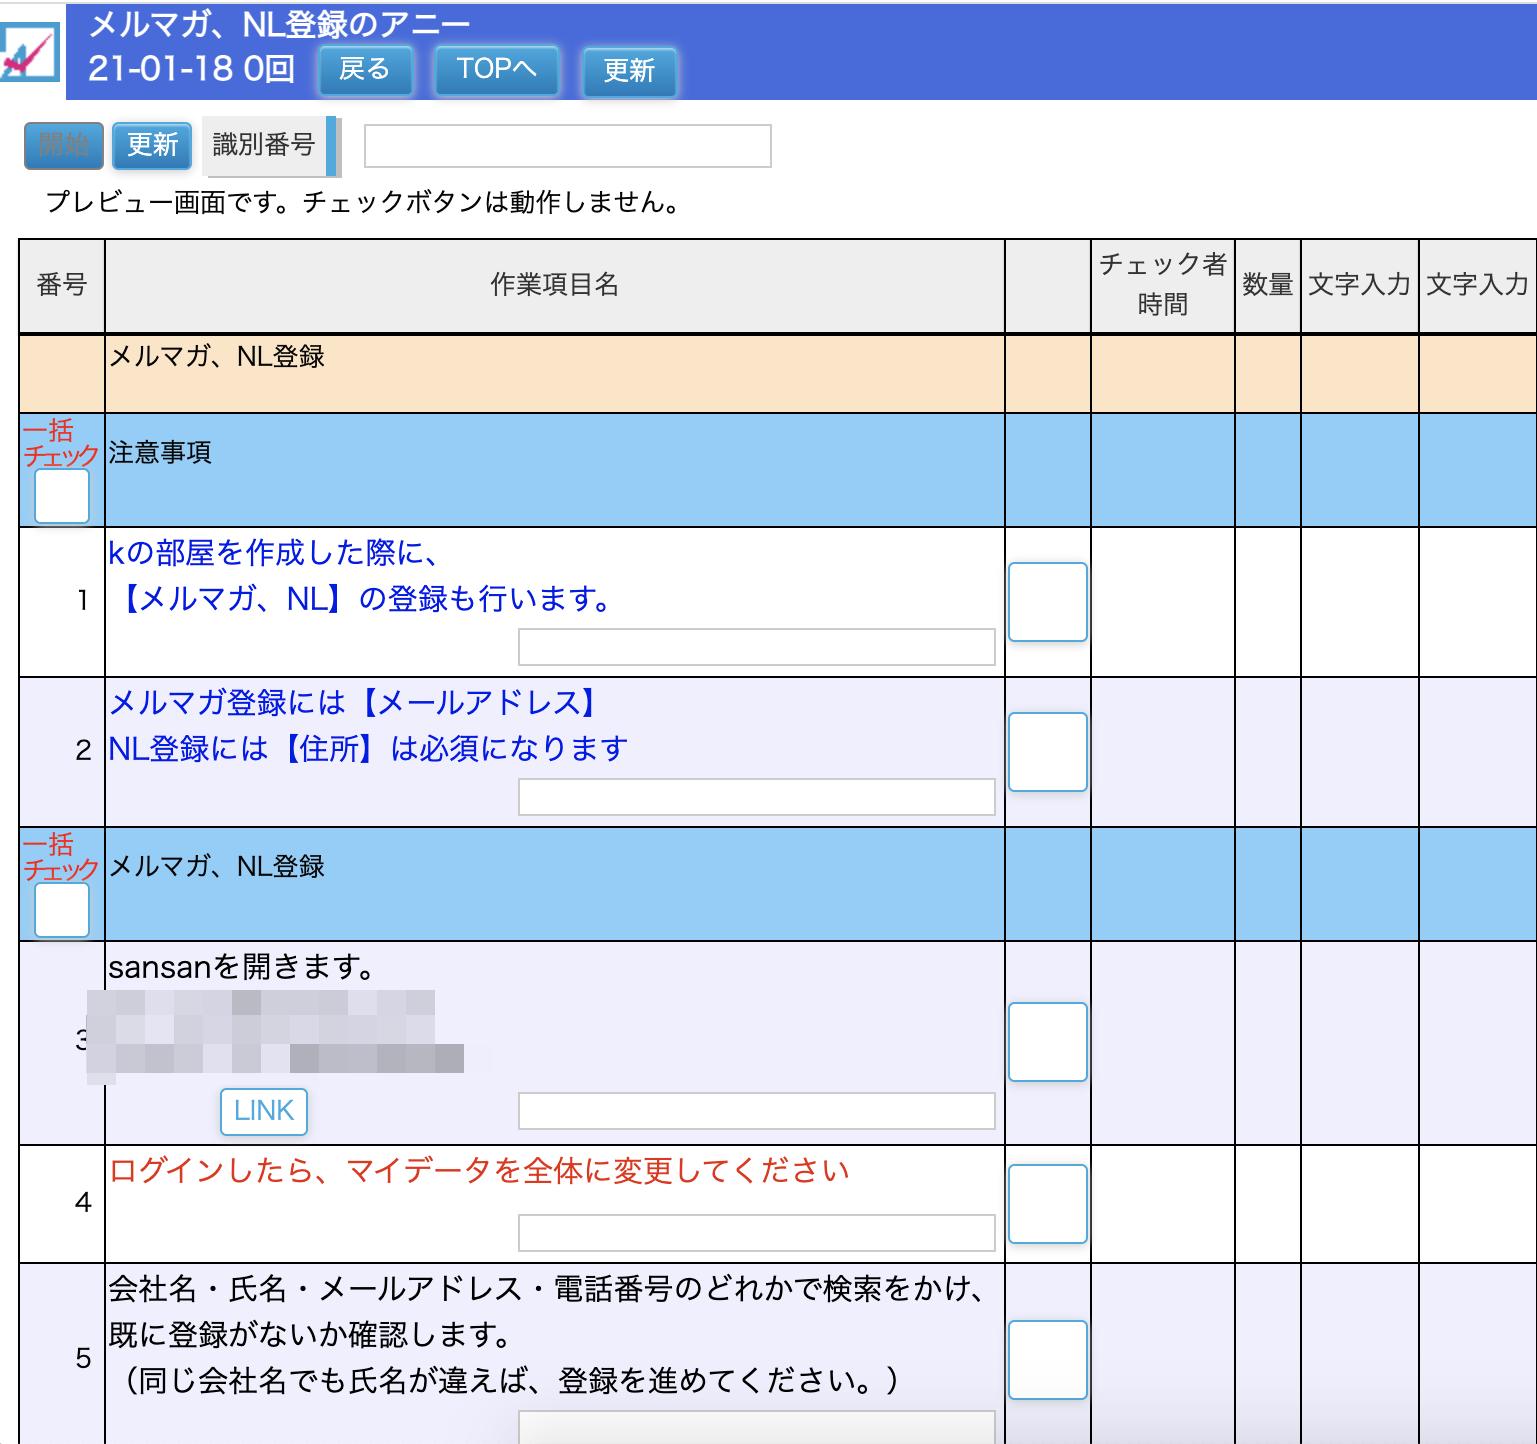 重要項目の文字装飾についてのチェックリスト